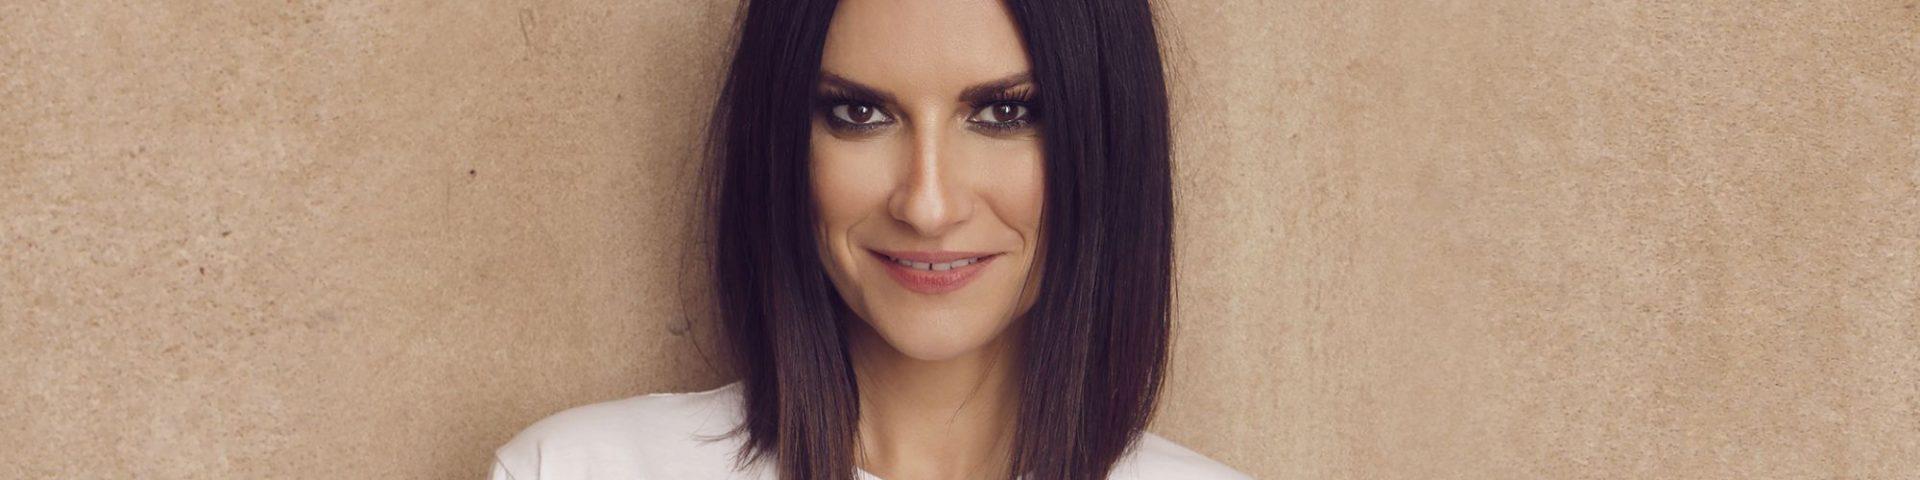 Laura Pausini diventa Goodwill Ambassador del World Food Programme